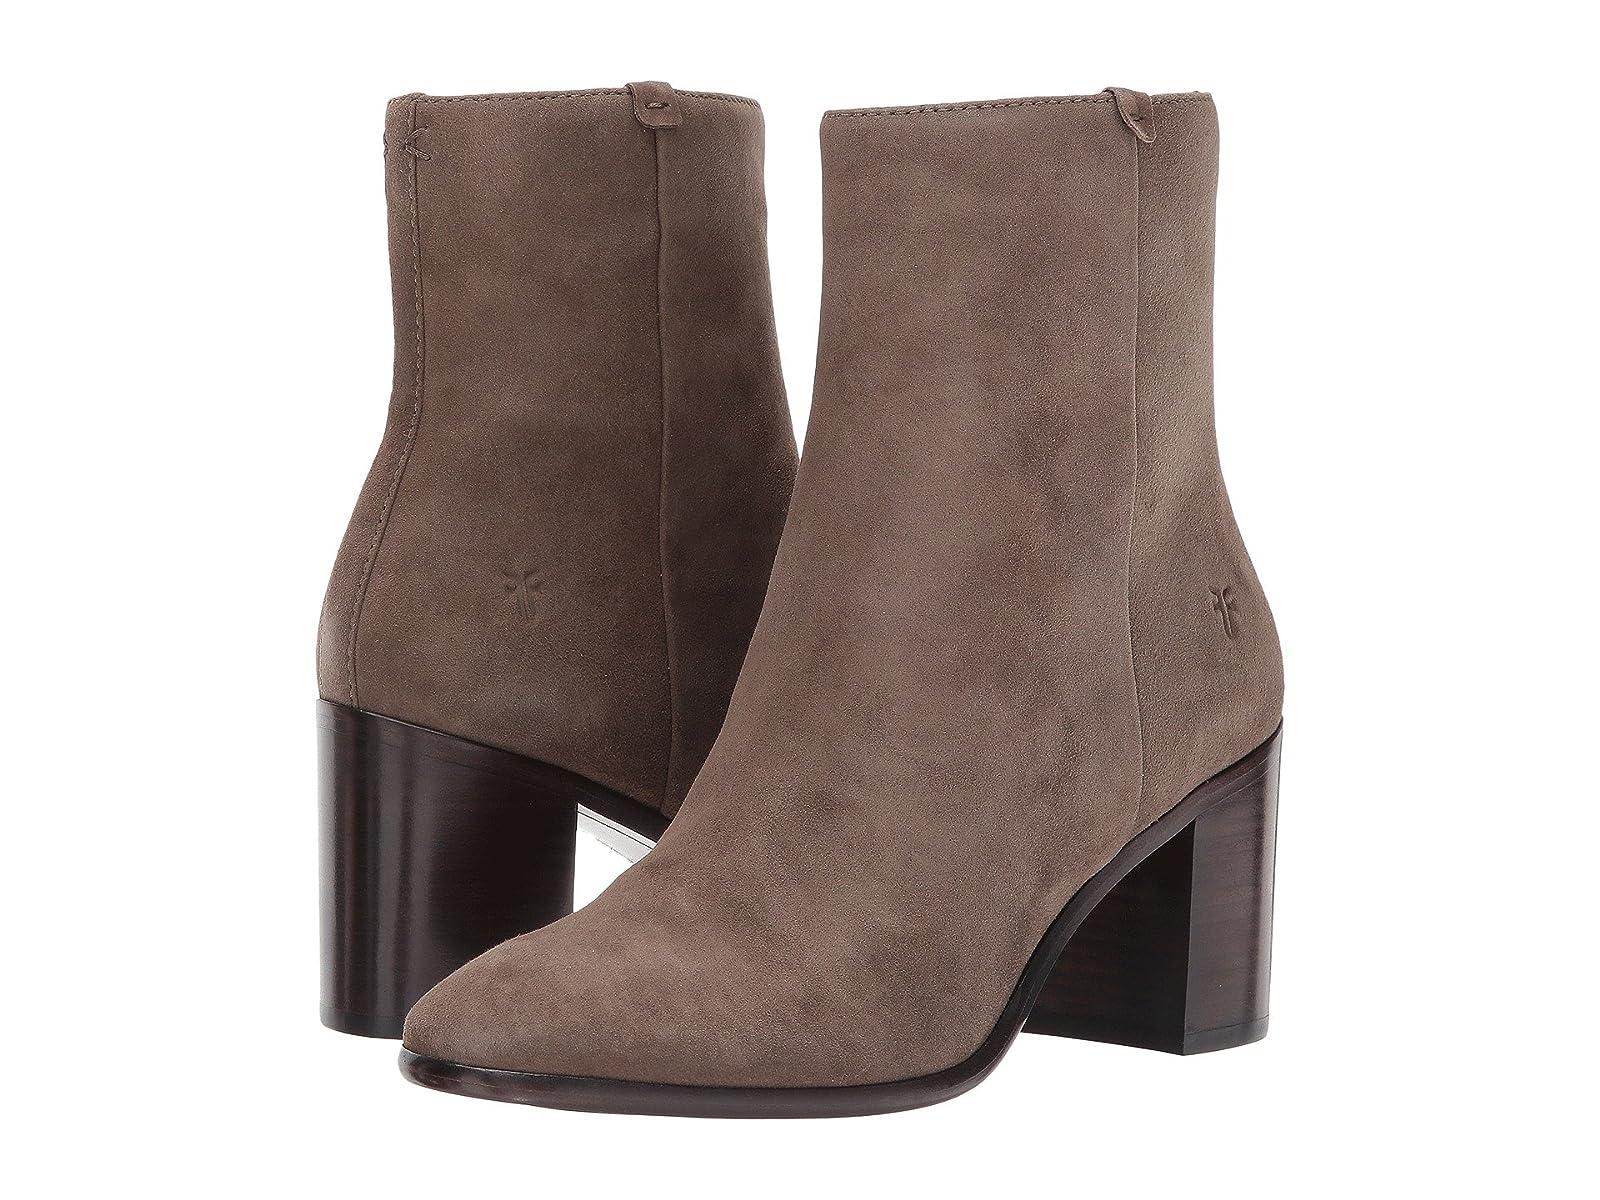 Frye Julia BootieCheap and distinctive eye-catching shoes